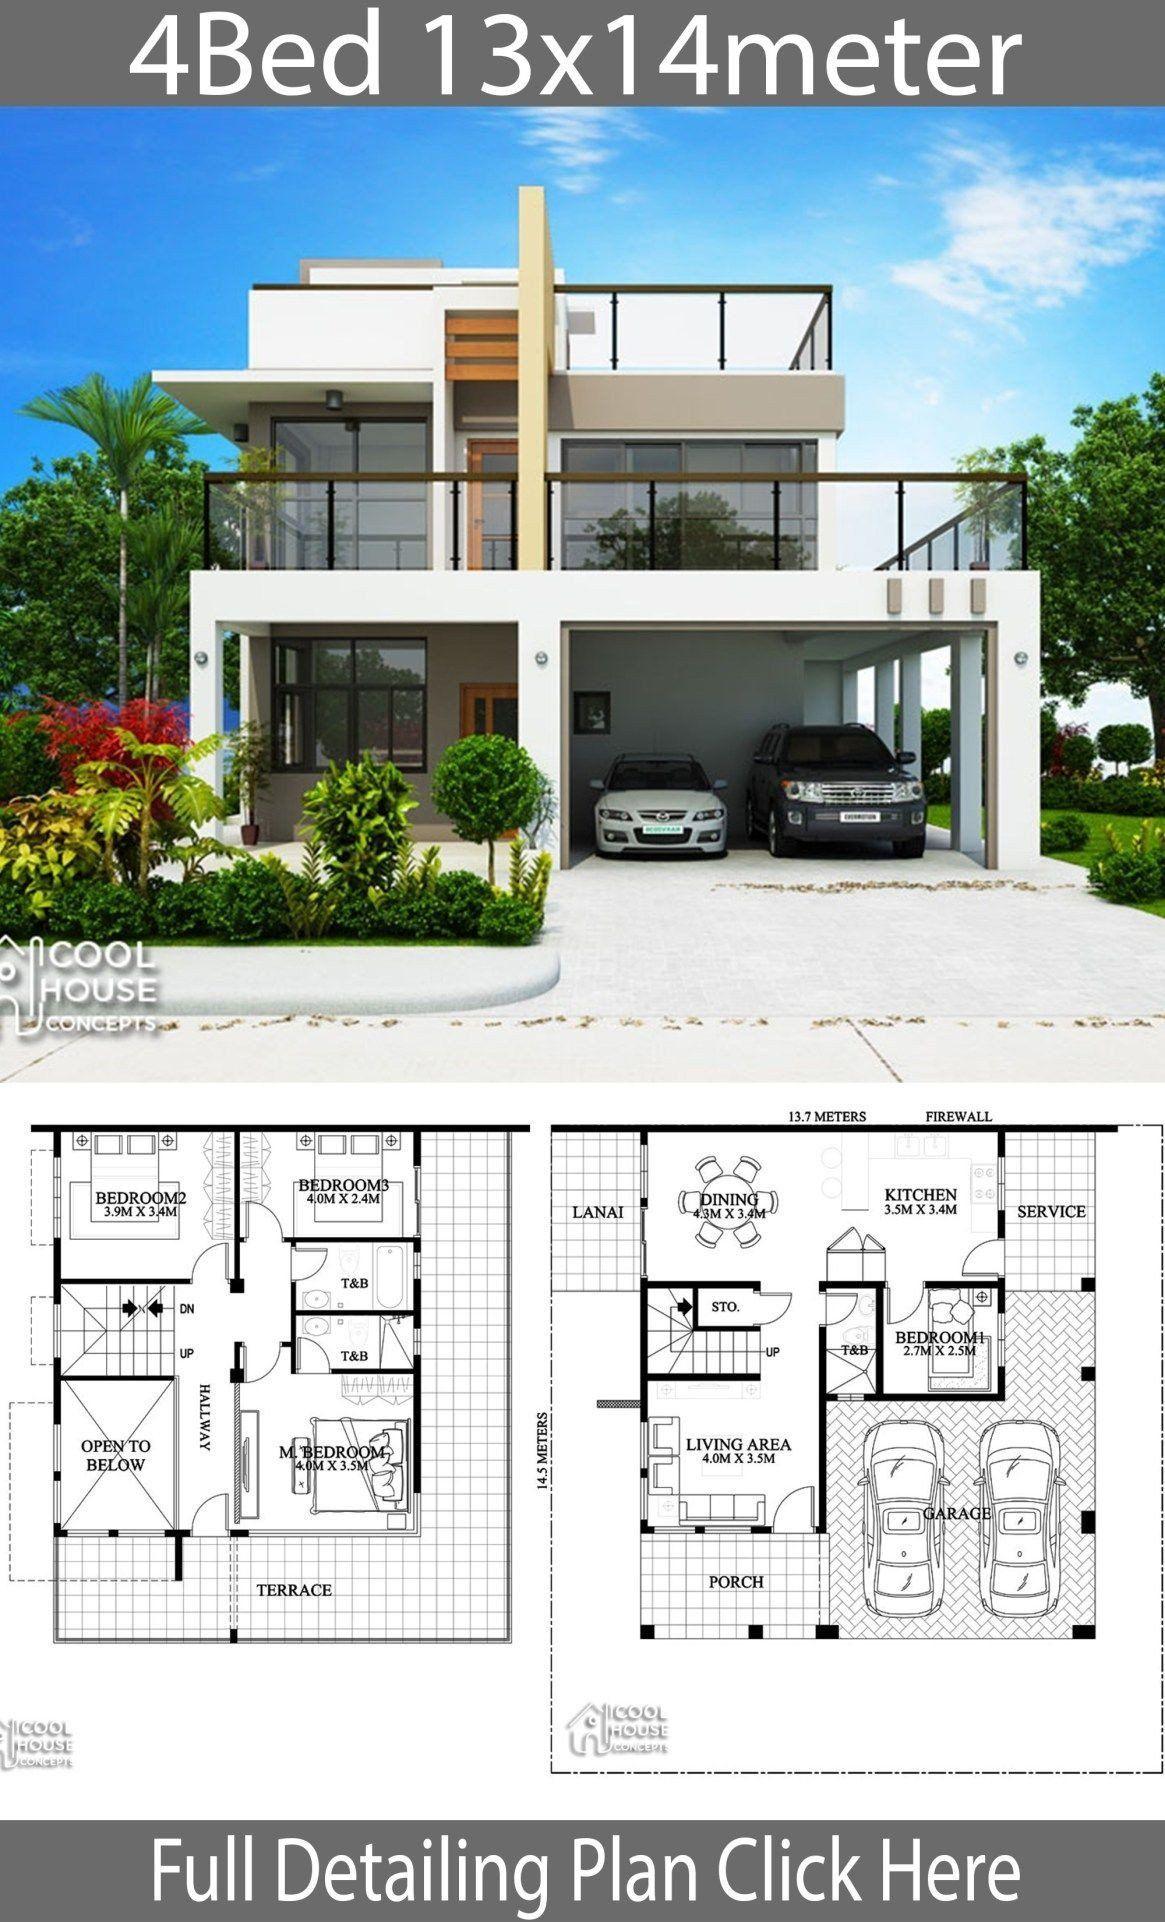 4 Bedroom Bungalow Architectural Design Unique Proposed 4 Bedroom Bungalow Design Delta State Nige In 2020 House Layout Plans Bungalow House Design Duplex House Design